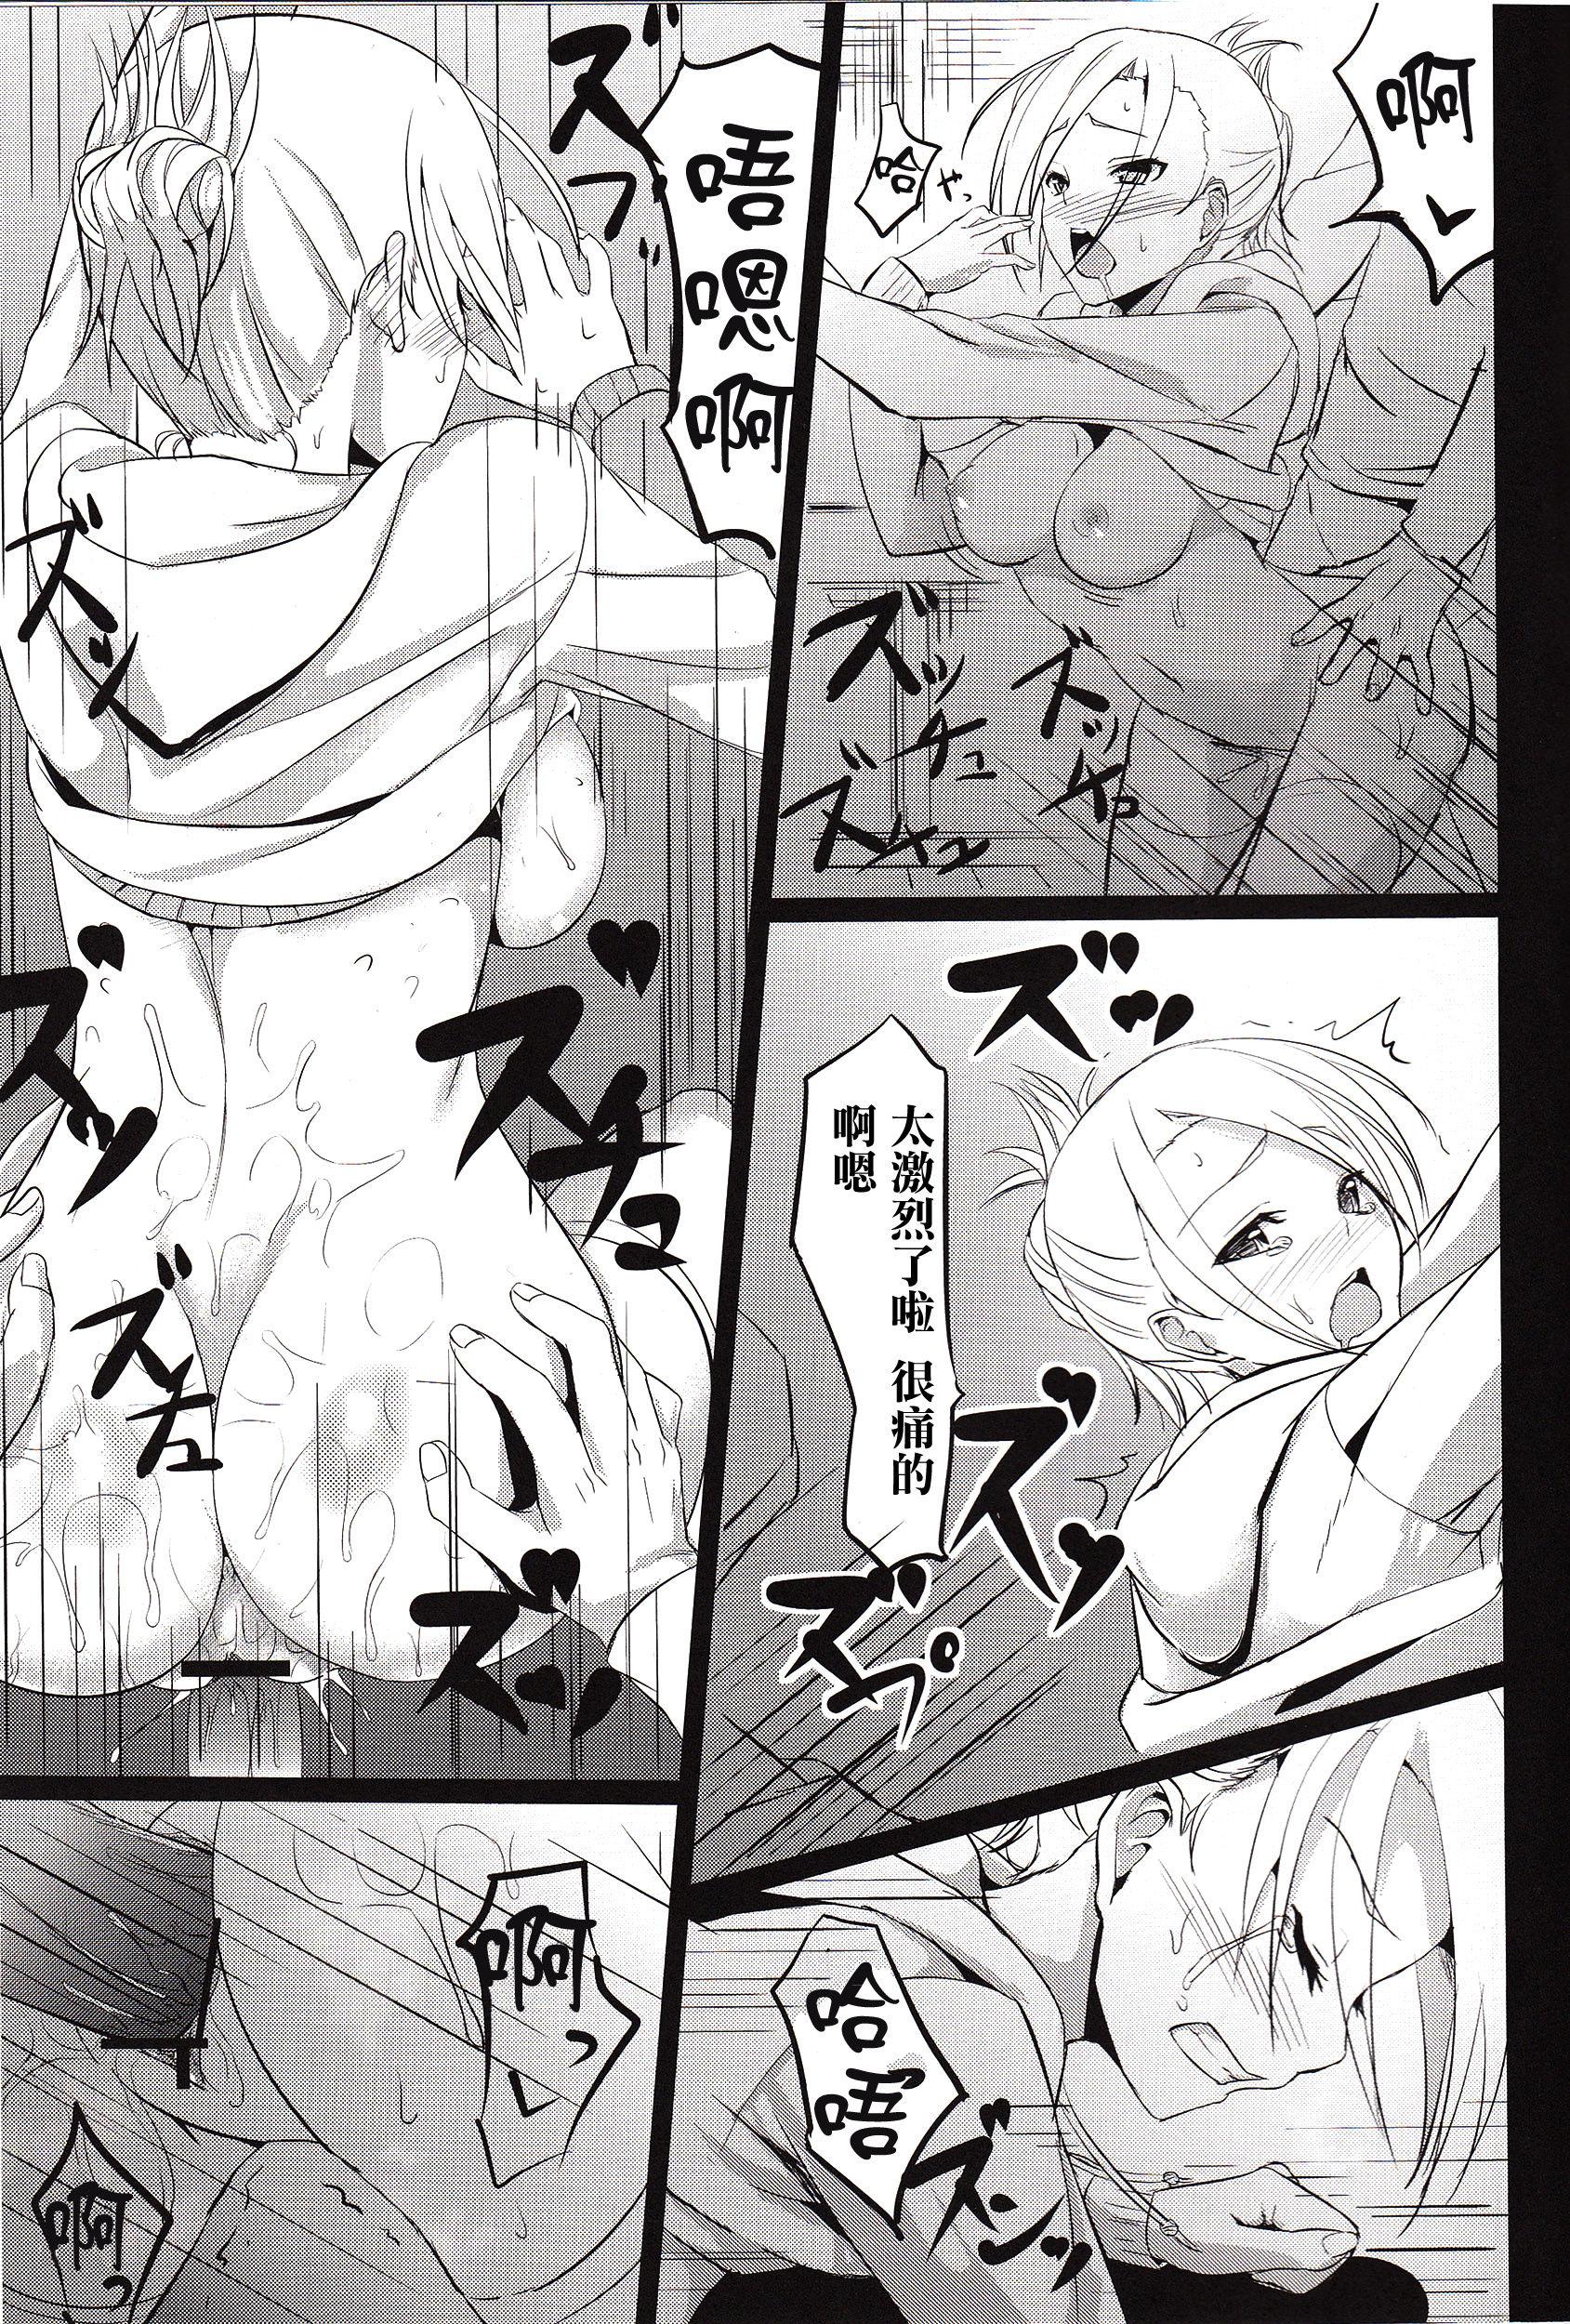 Kitsuritsu no kyochin hentai manga picture 16